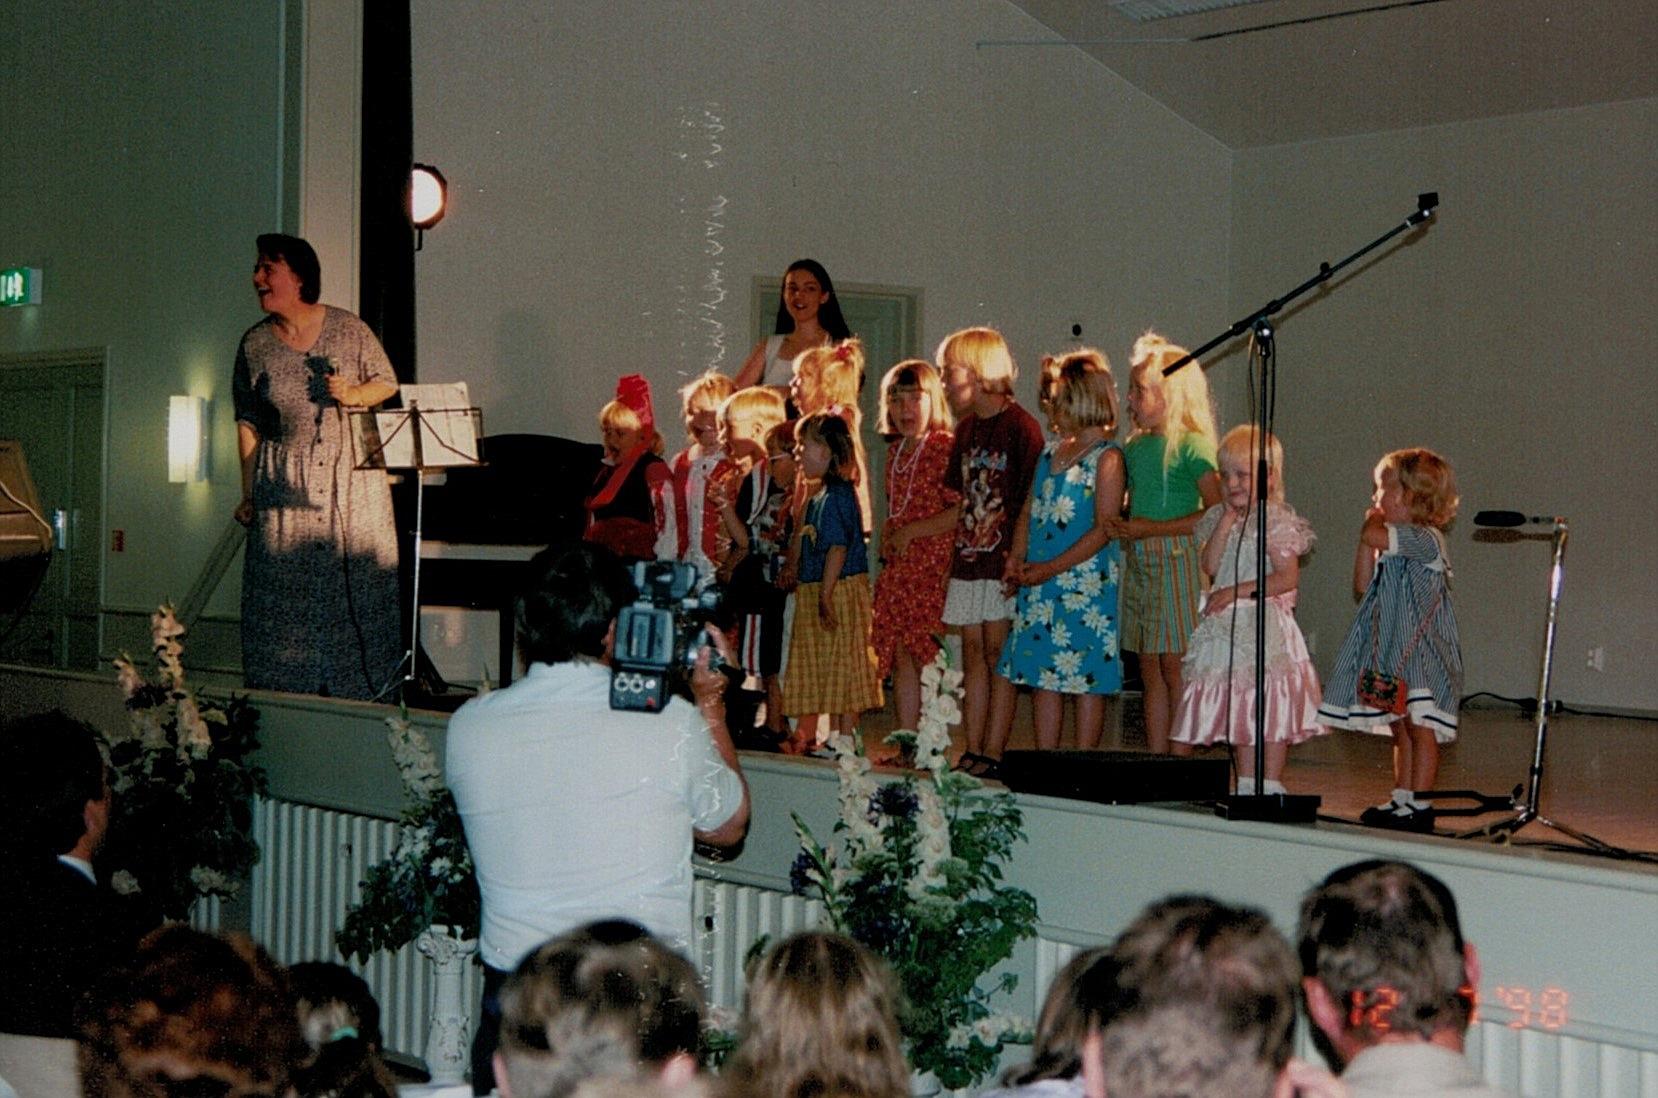 Catarina Englund leder barnkören som uppträdde på invigningsfesten. I bakgrunden Nanna Rosengård.